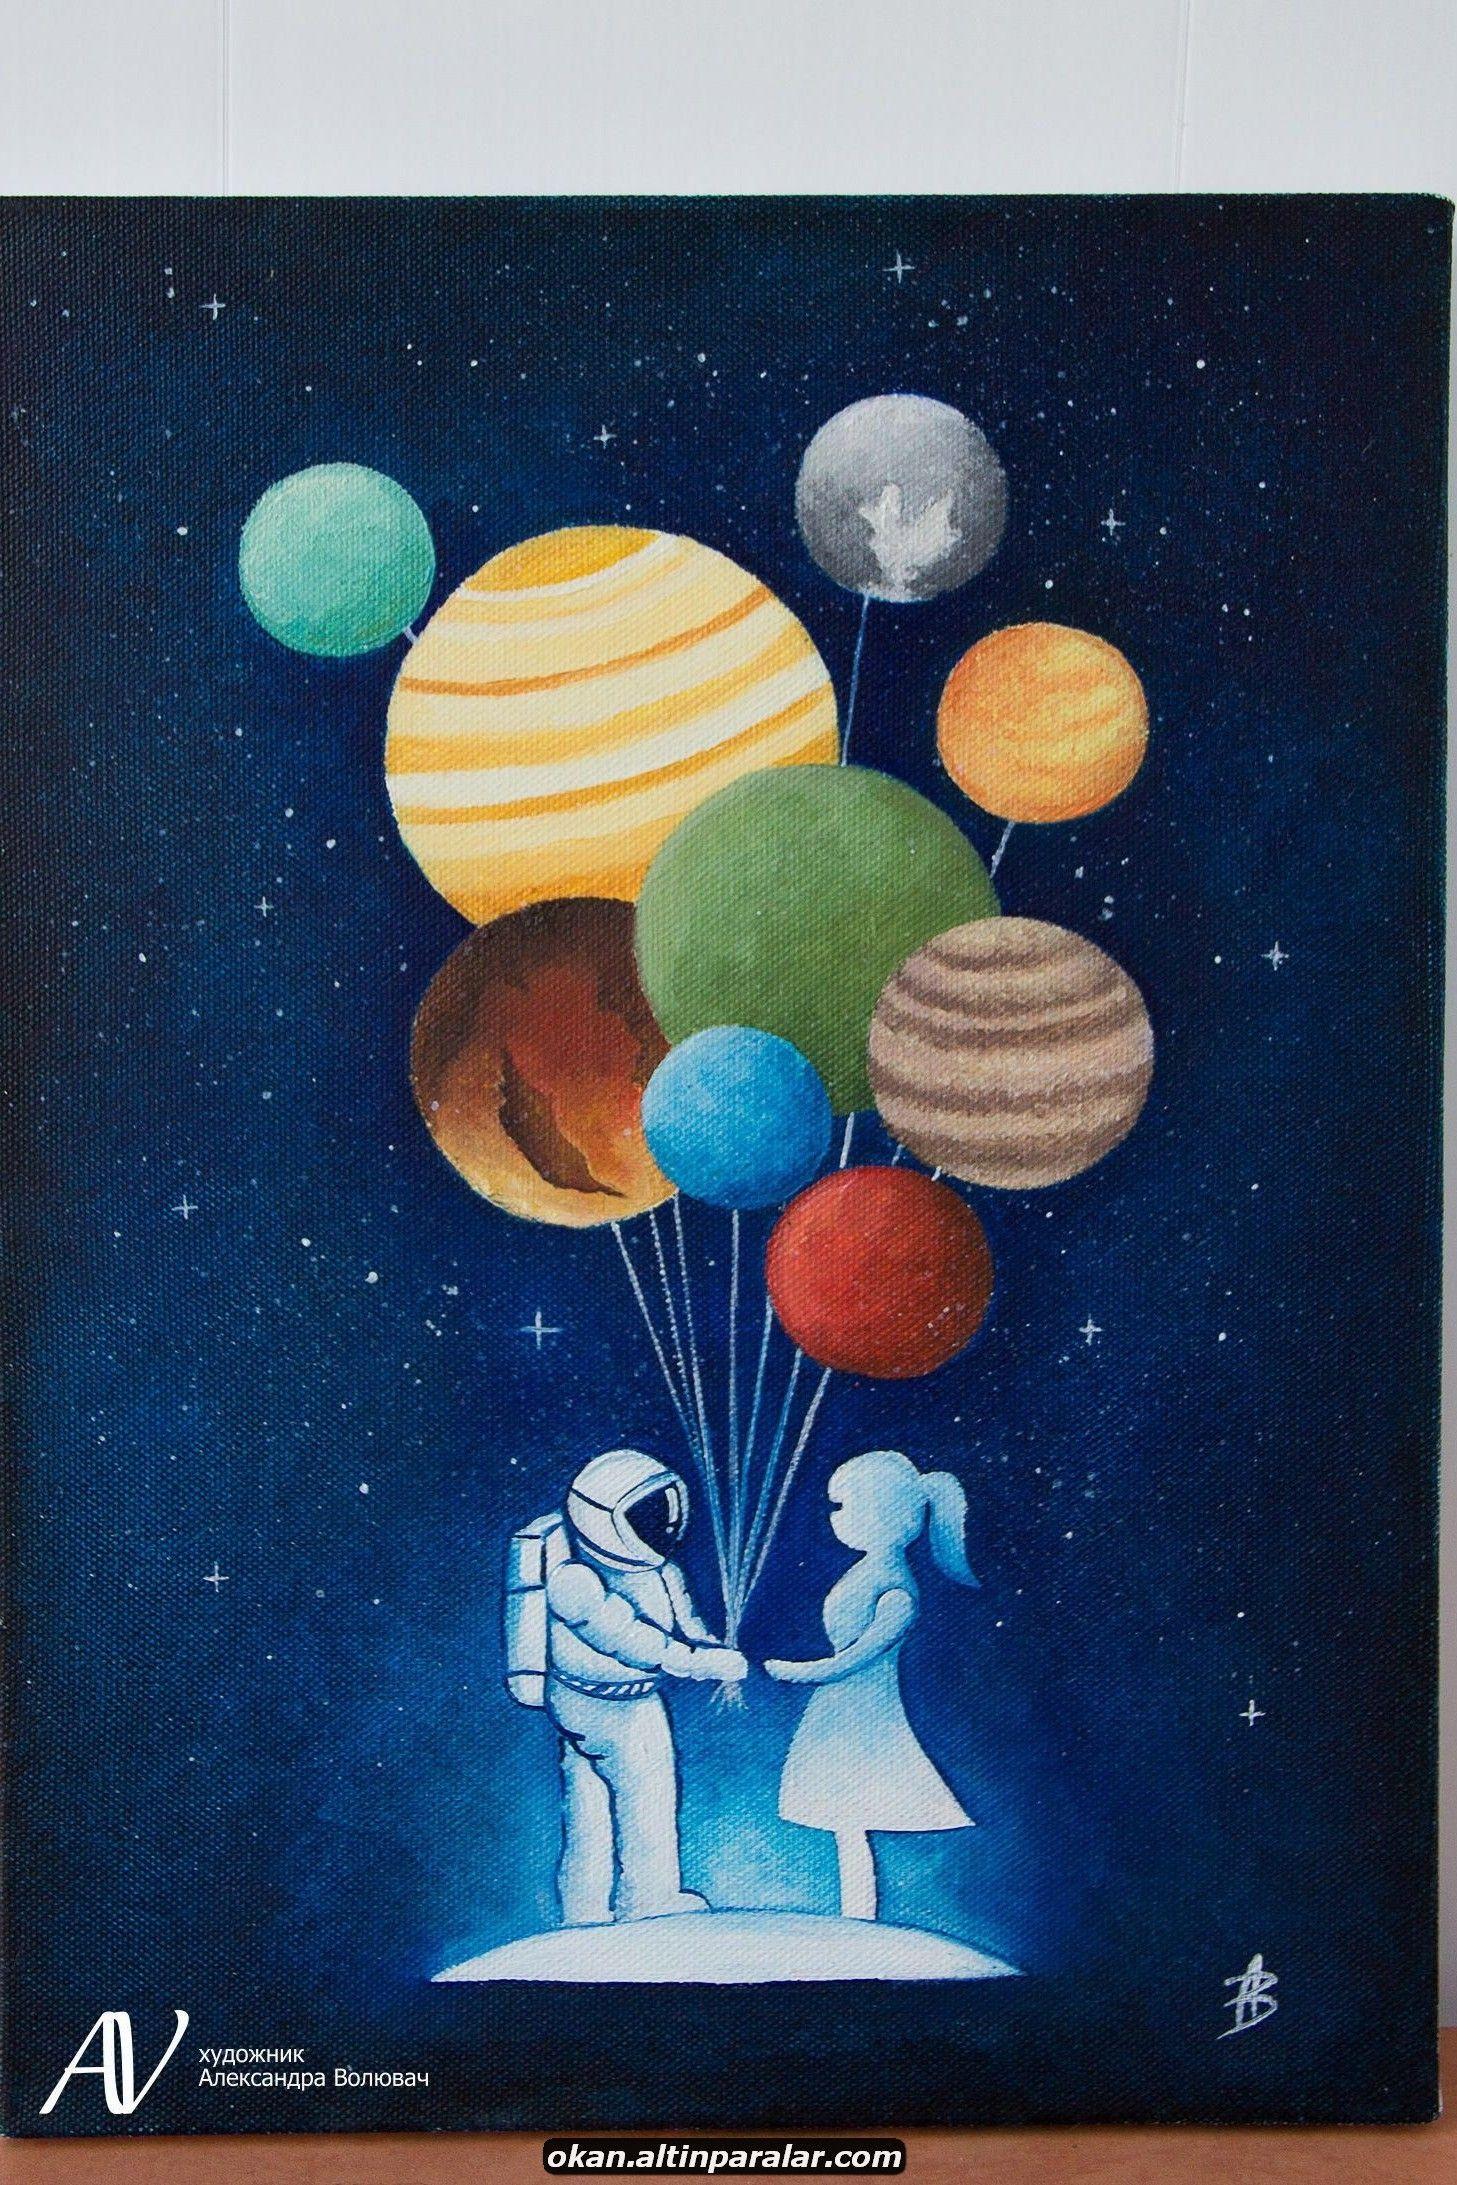 leinwand kaufen zum malen  my blog